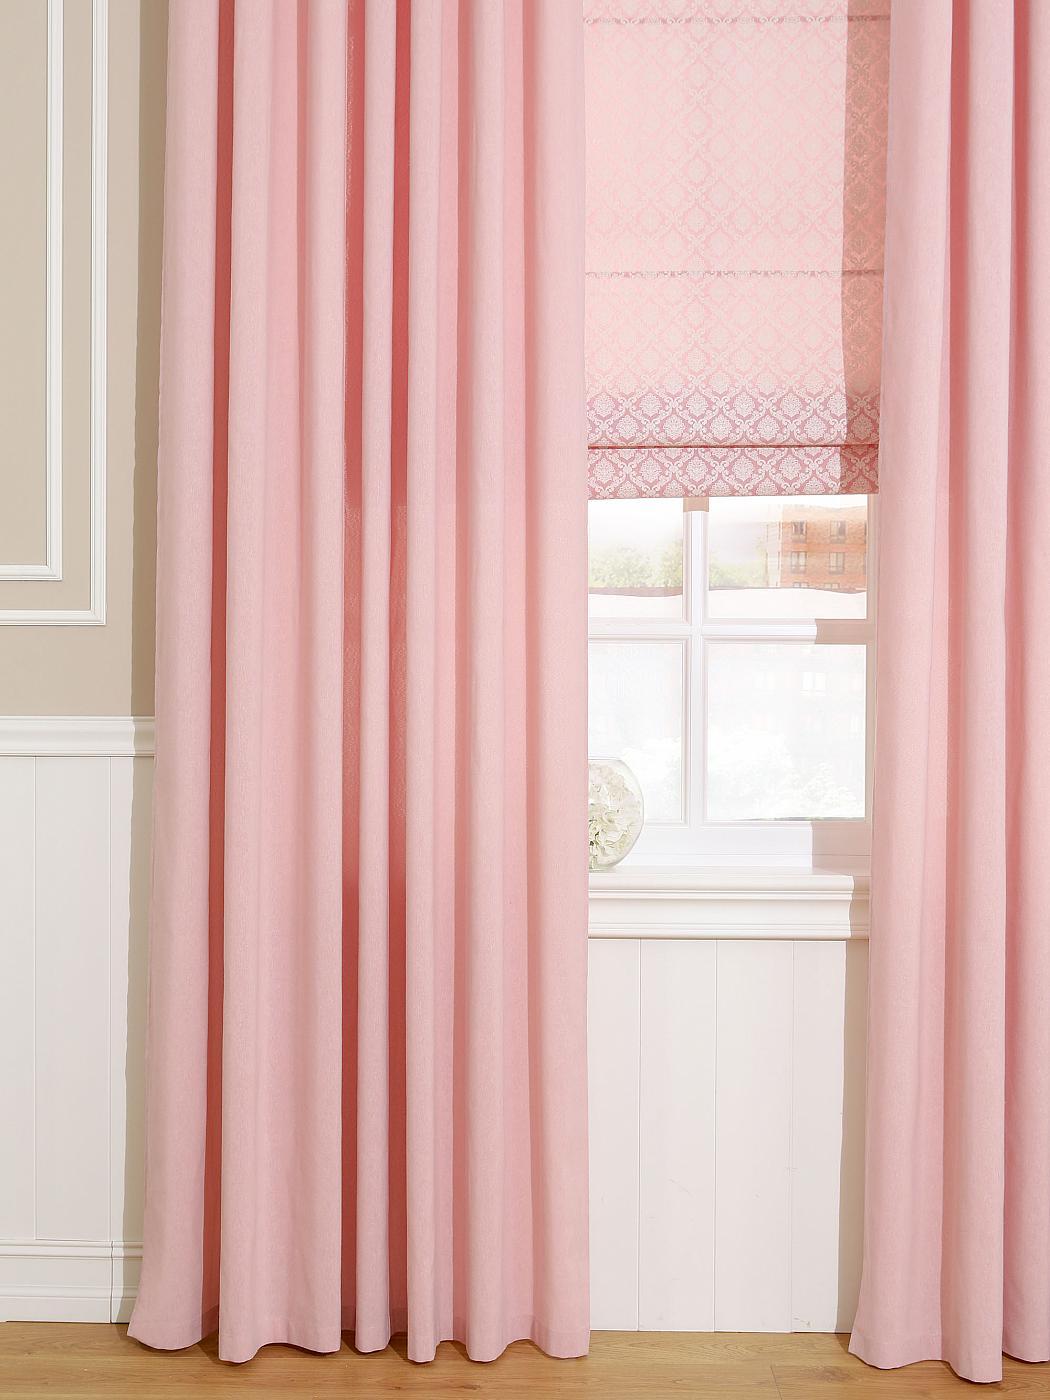 Штора Томдом Рамбус, розовый шторы томдом классические шторы хайм цвет бежевый